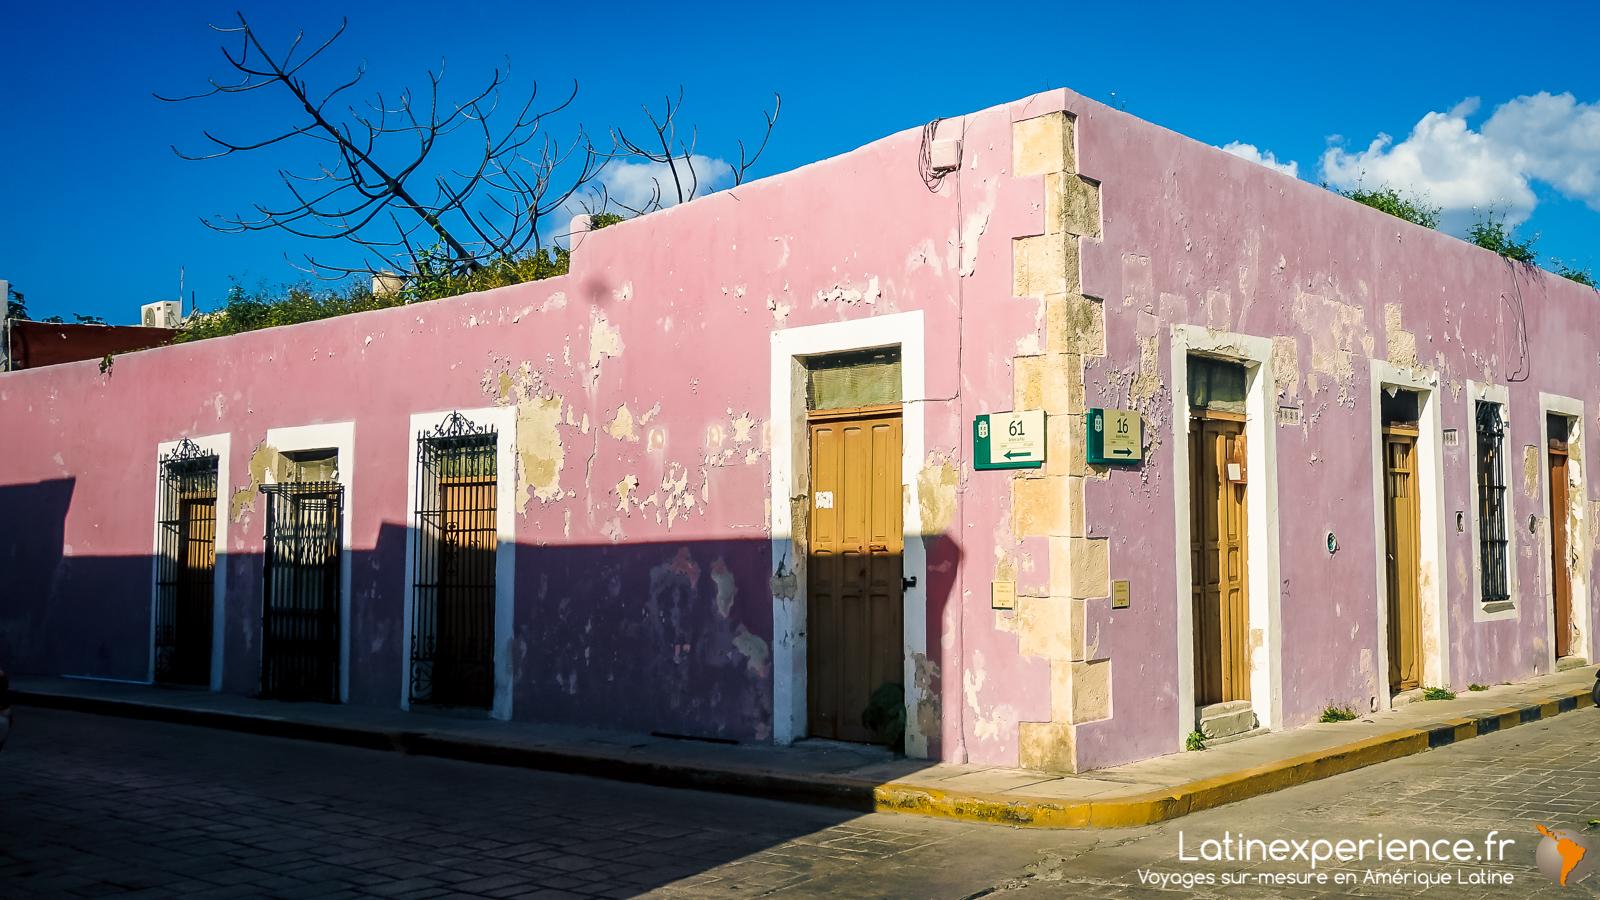 Mexique - Yucatan - maison coloré - Campeche - Latinexperience voyages